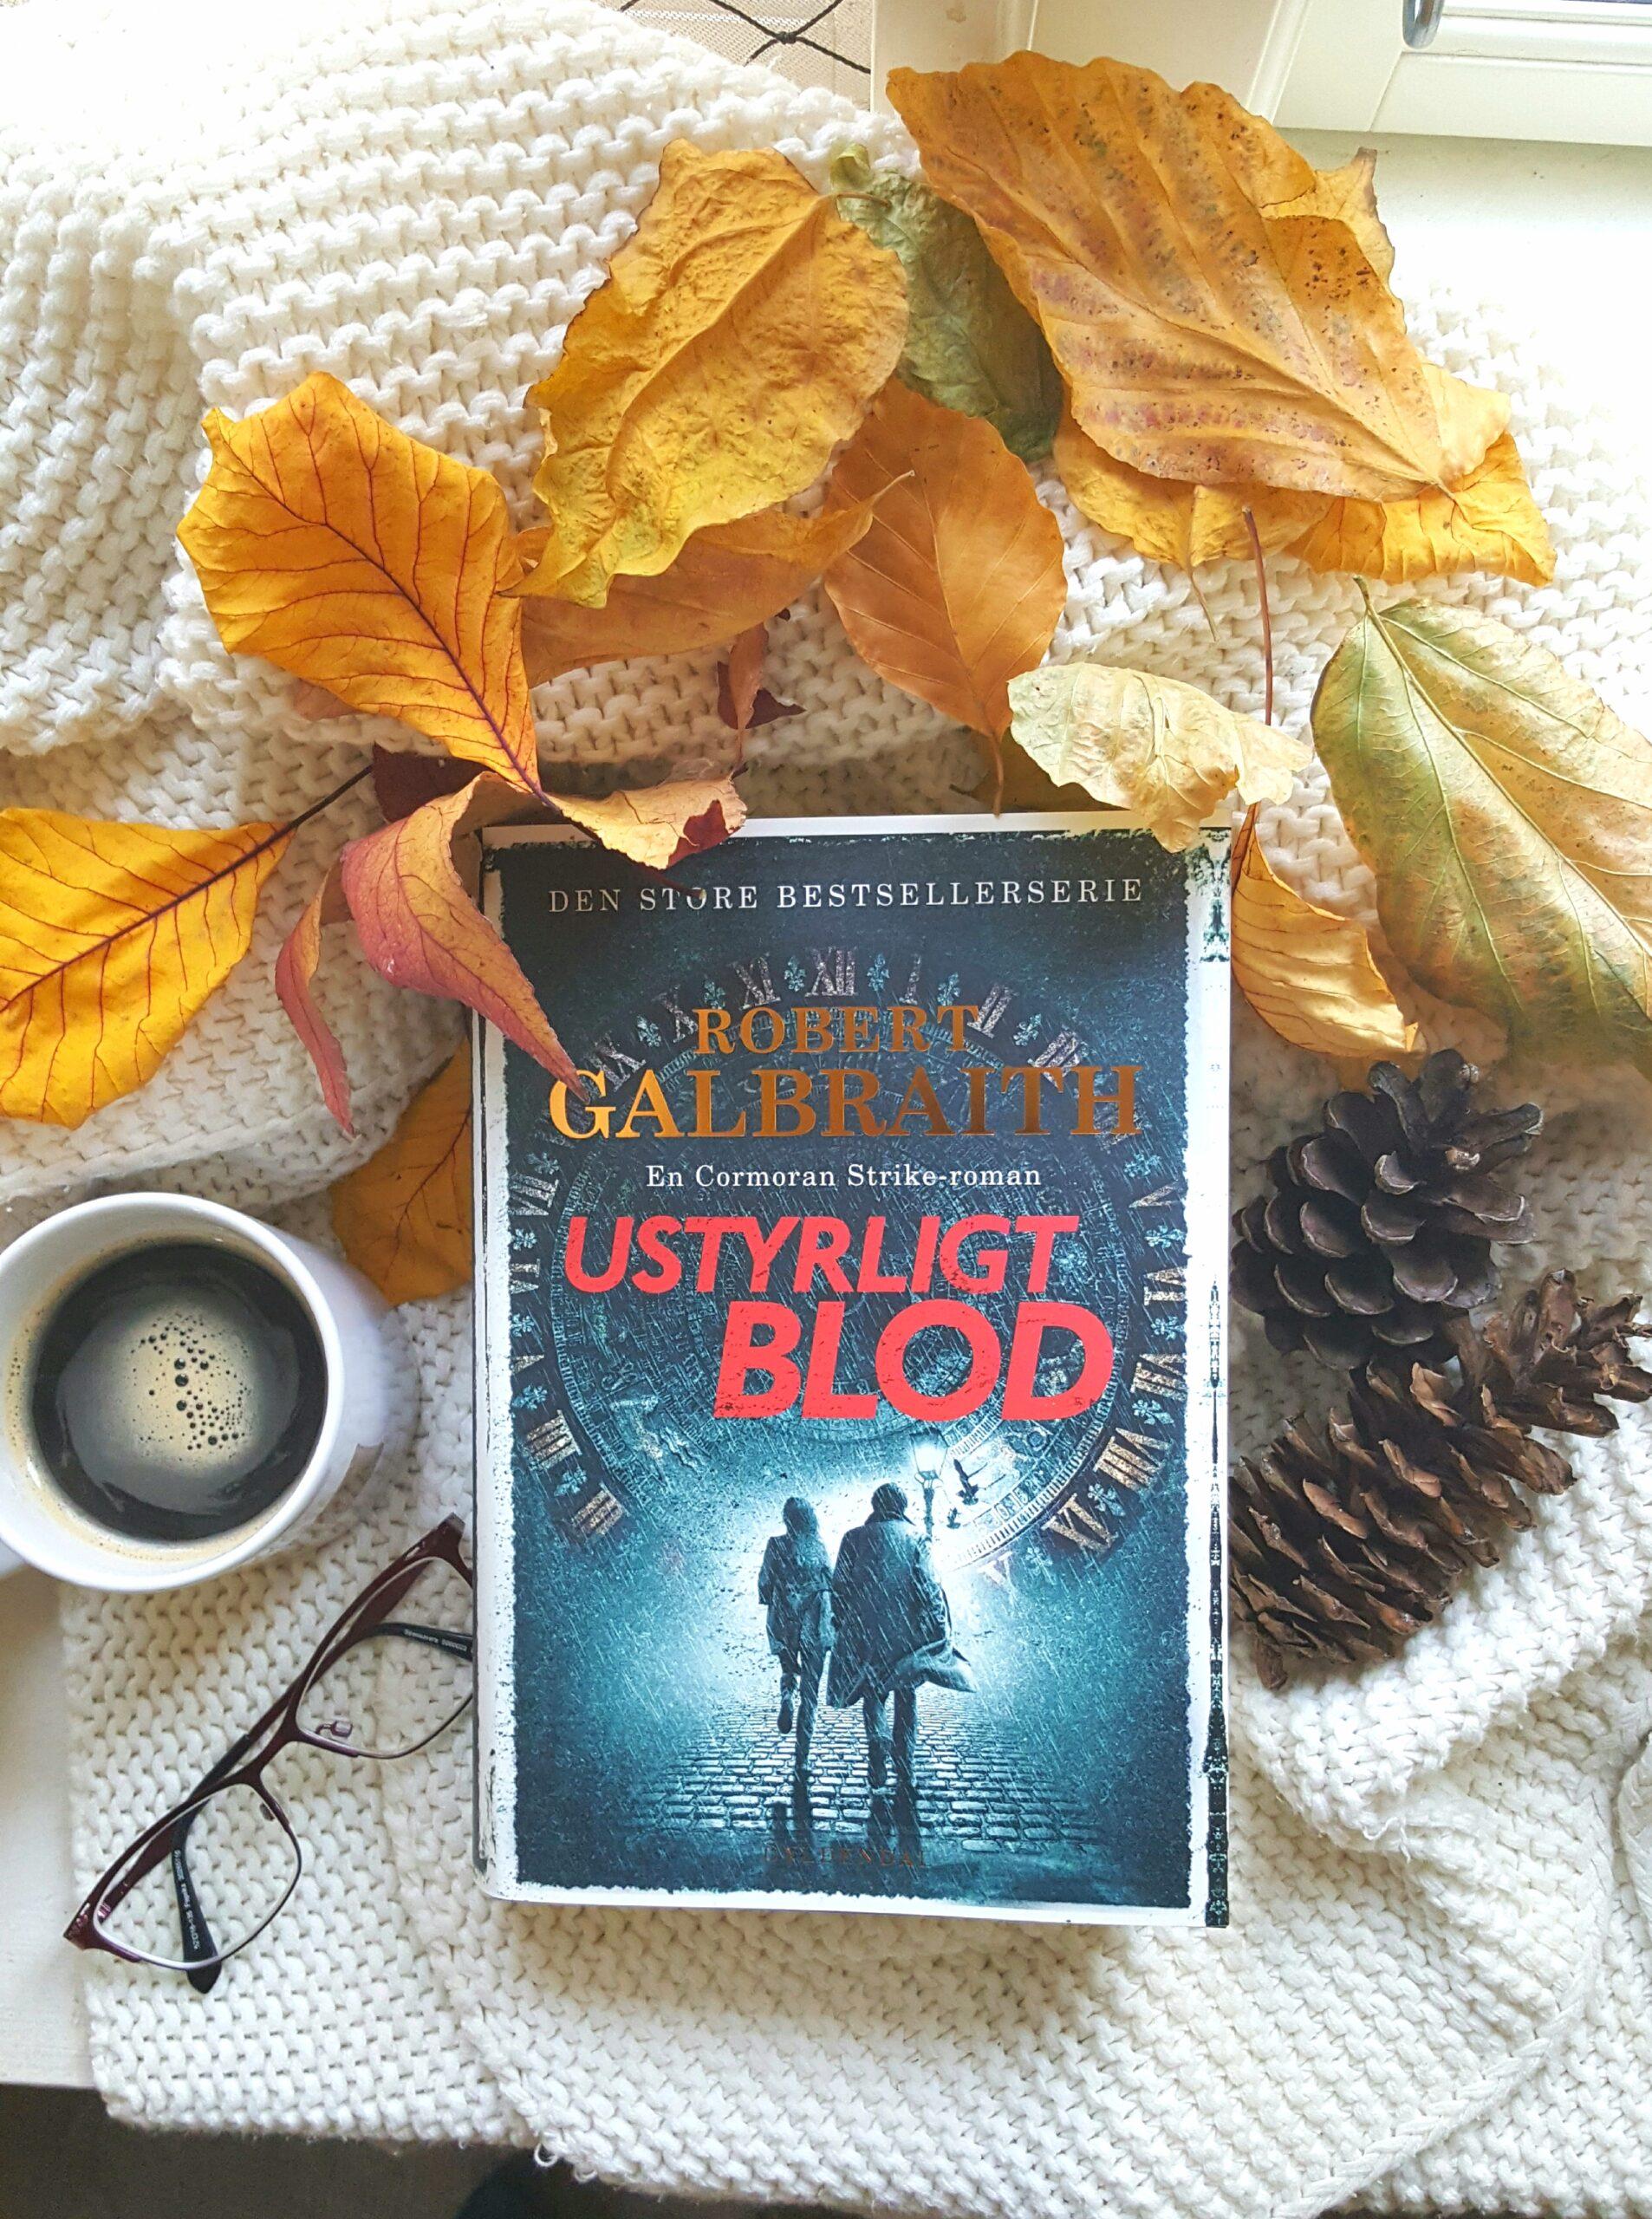 Ustyrligt blod af Robert Galbraith (Comoran Strike #5)